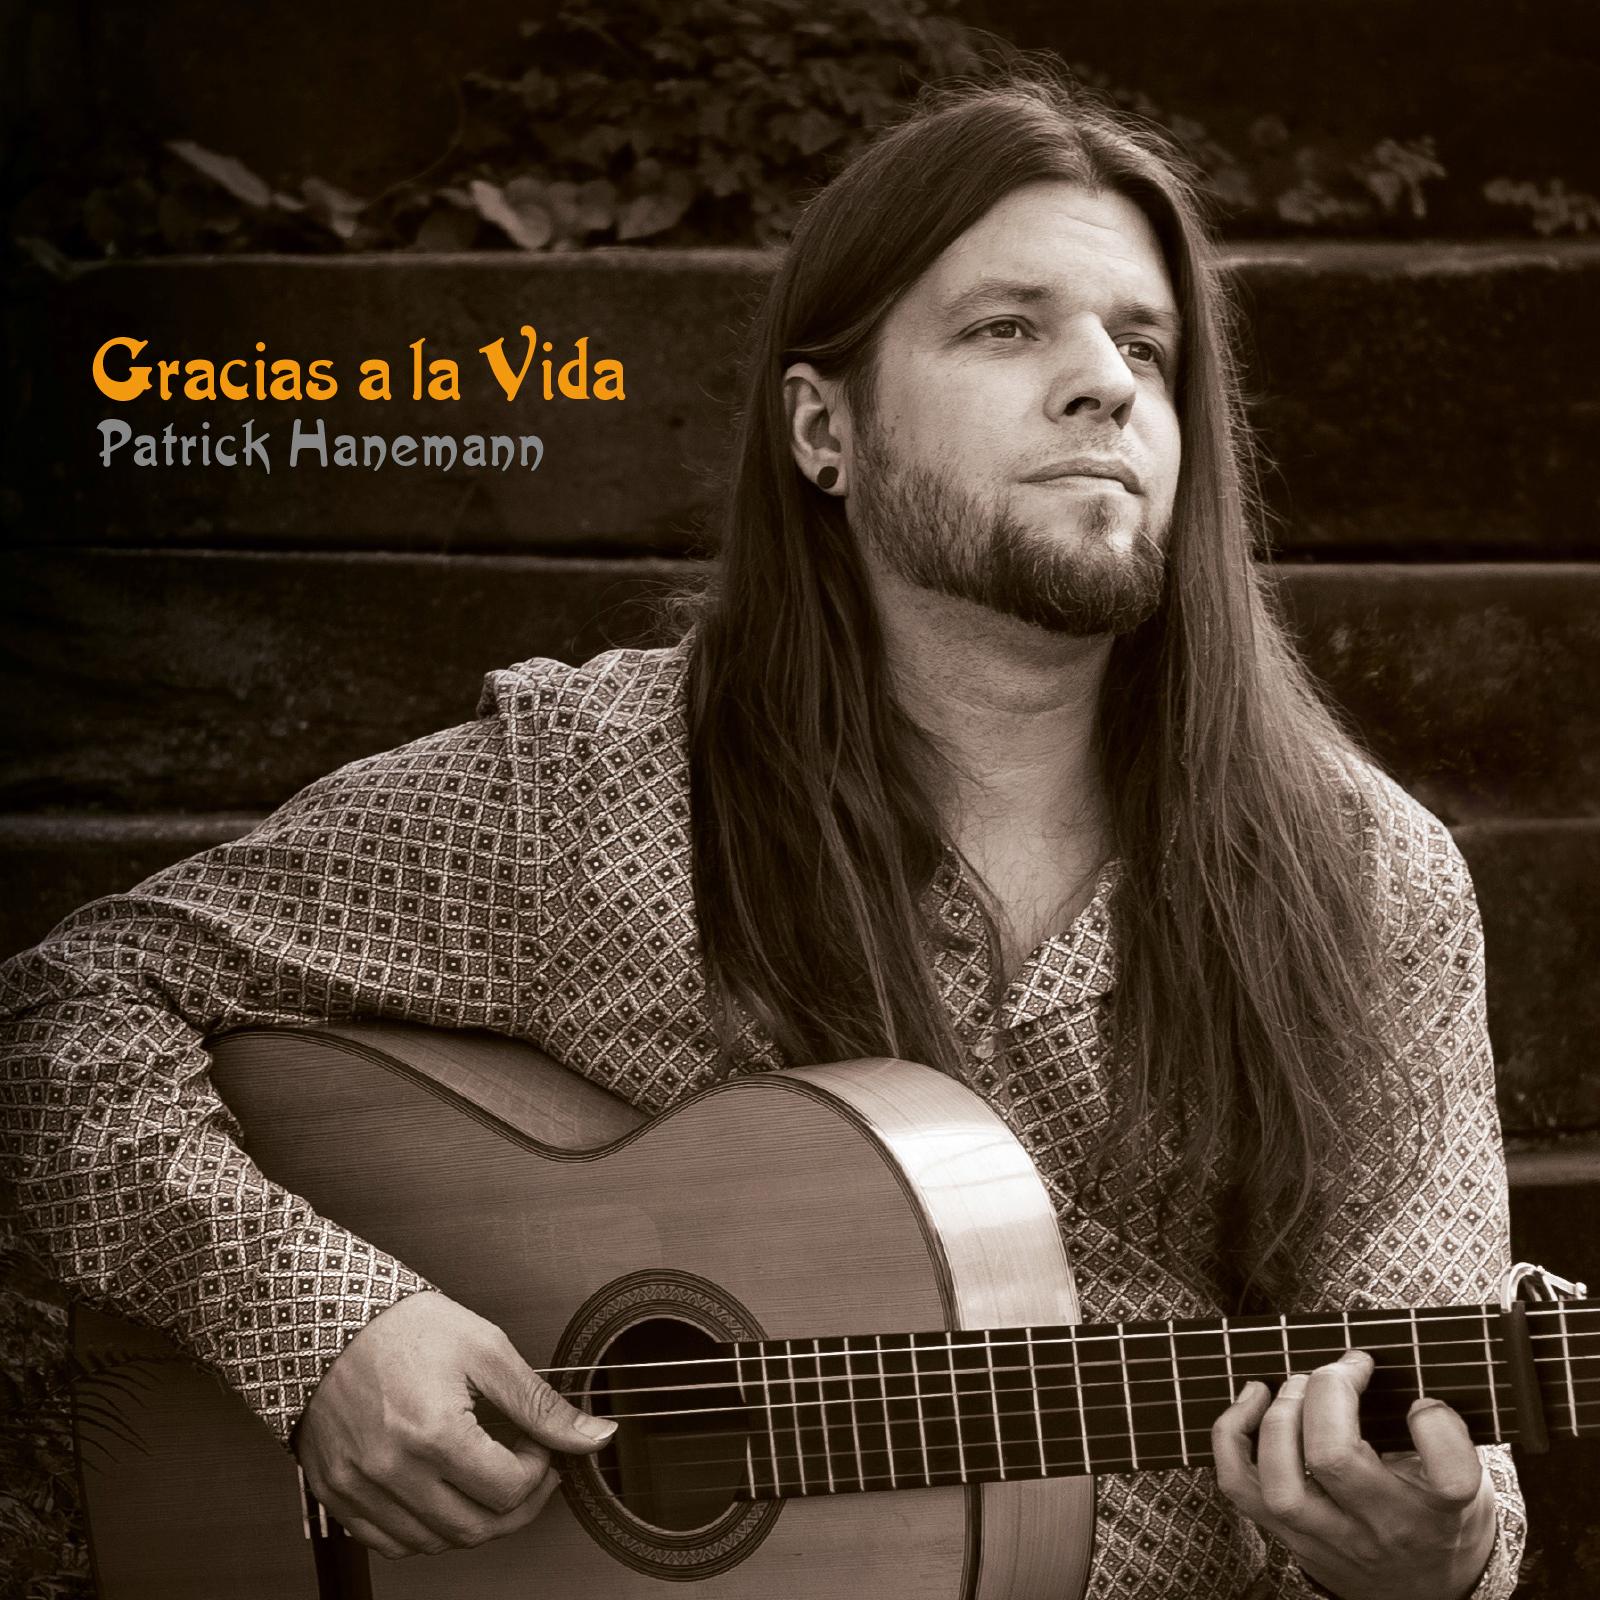 Patrick Hanemann - Gracias a la Vida